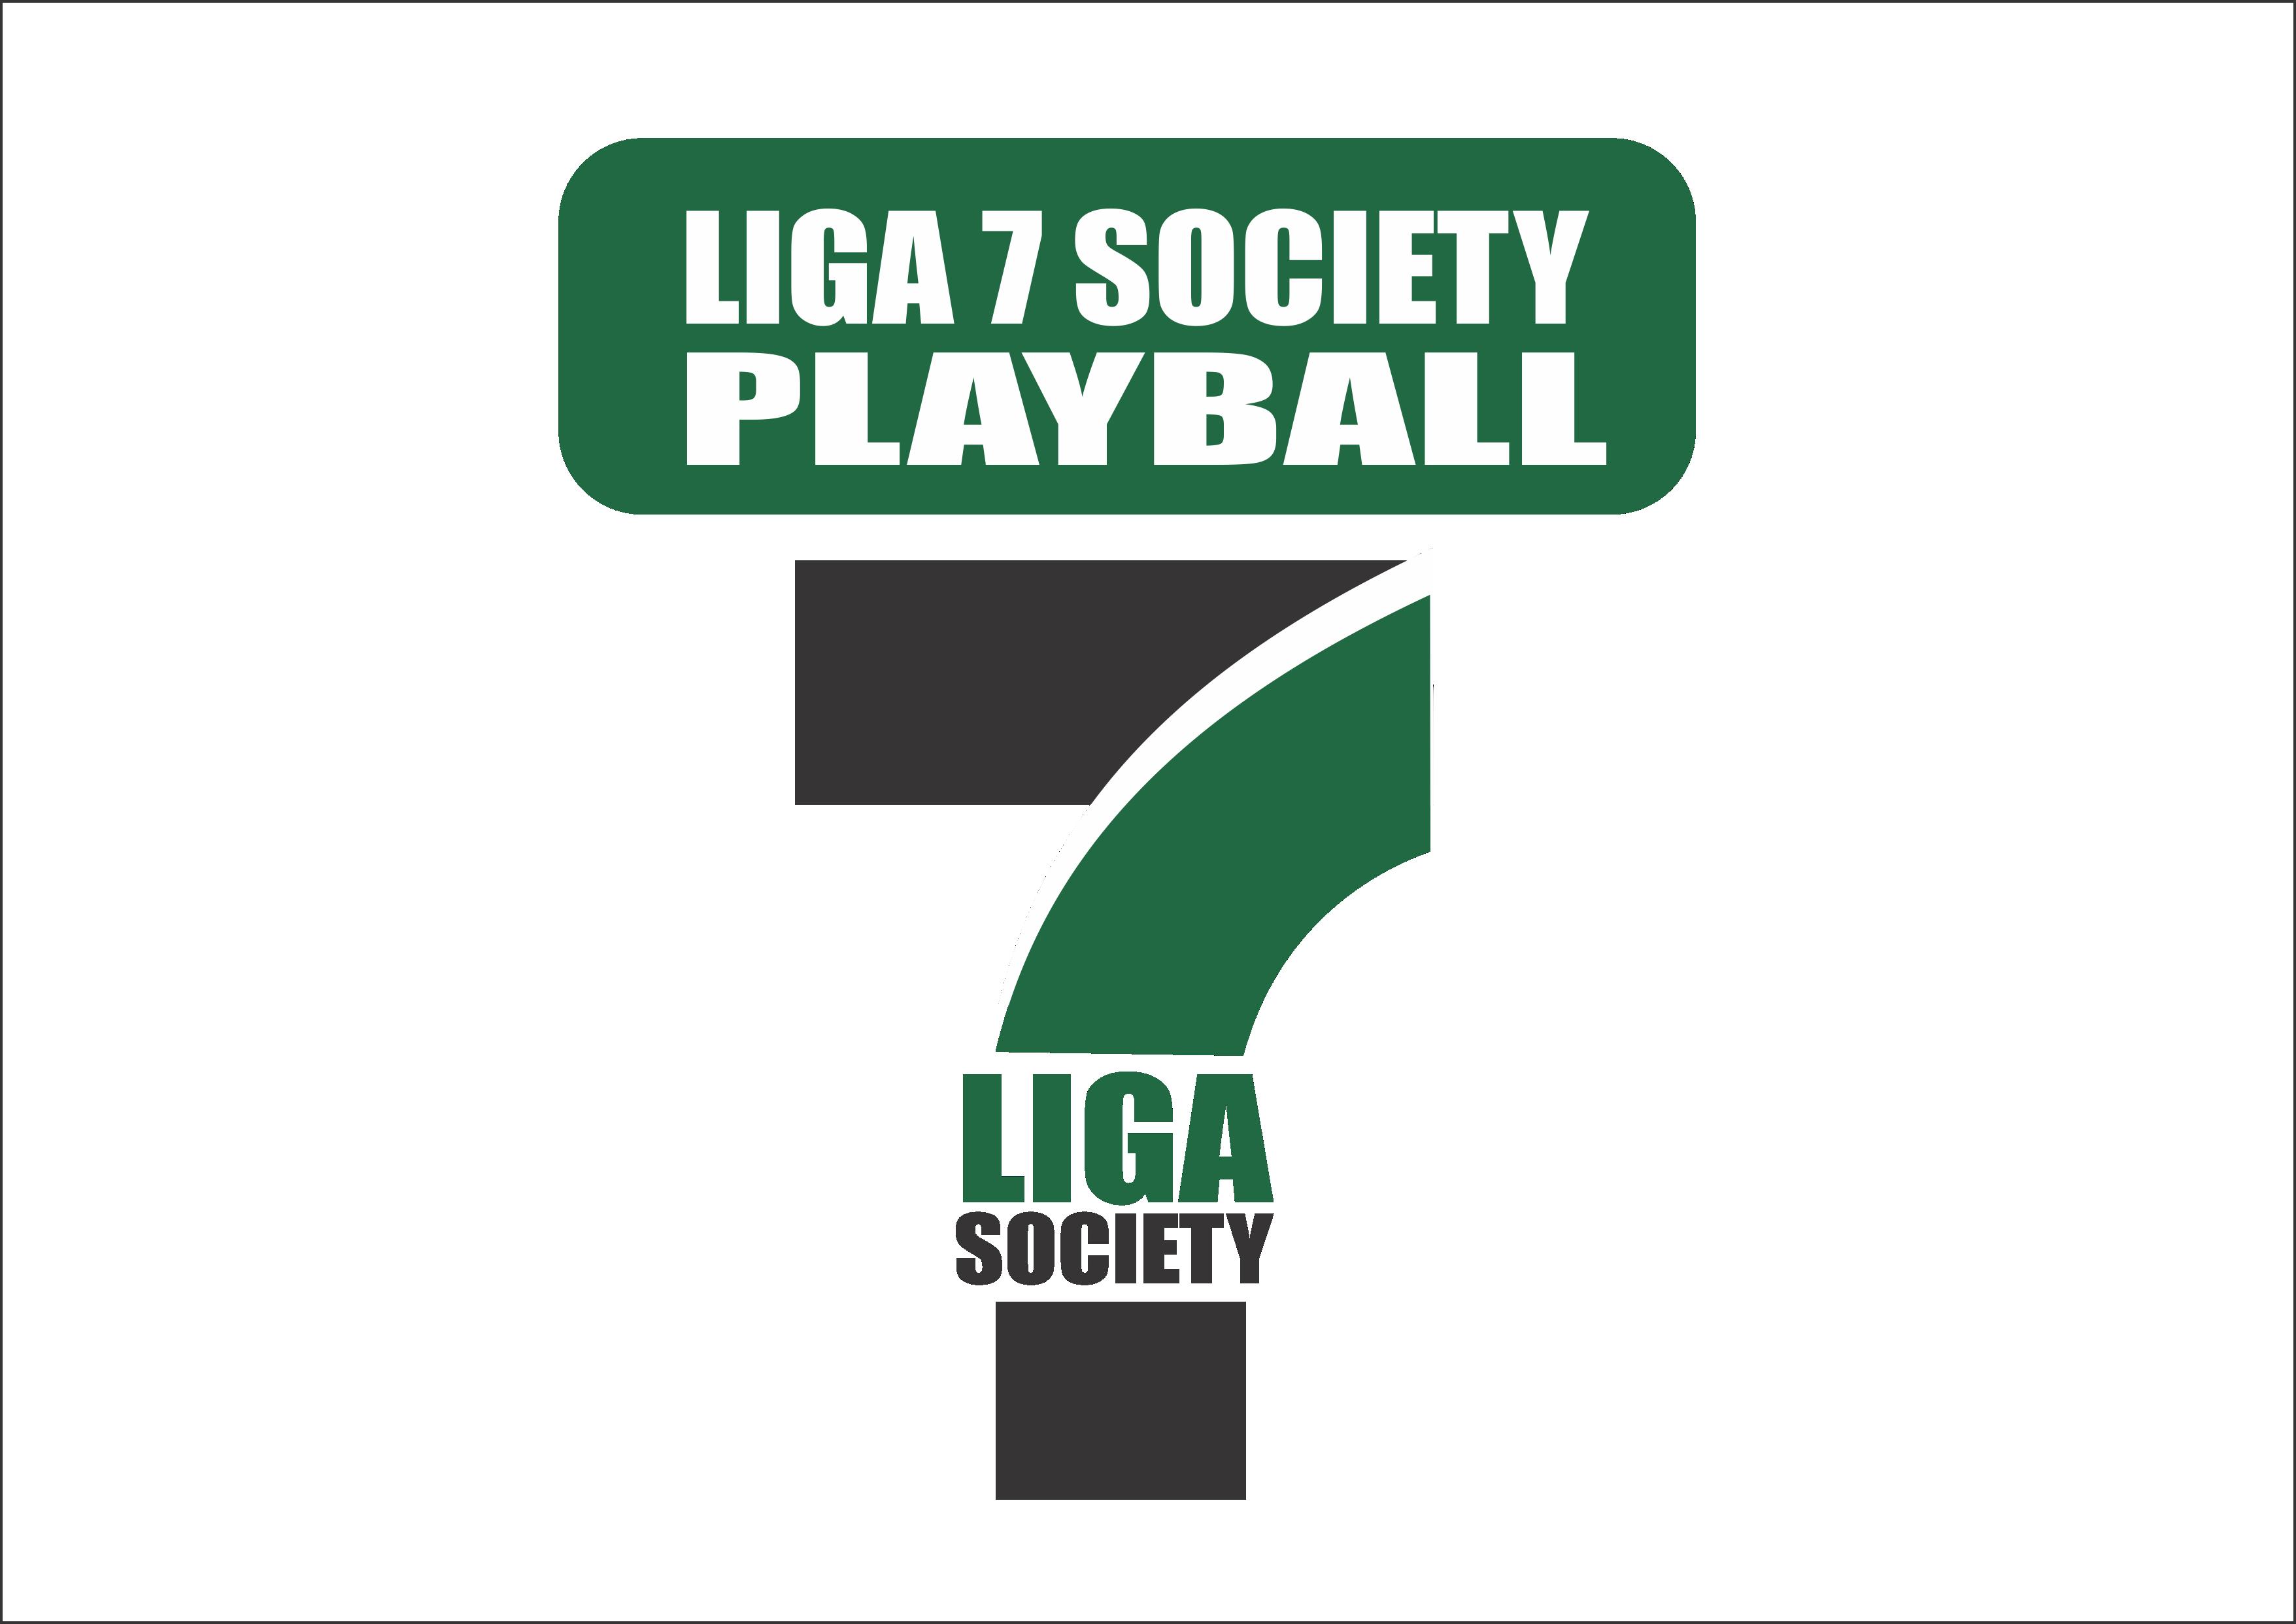 III Liga 7 Série A de Futebol 7 Society